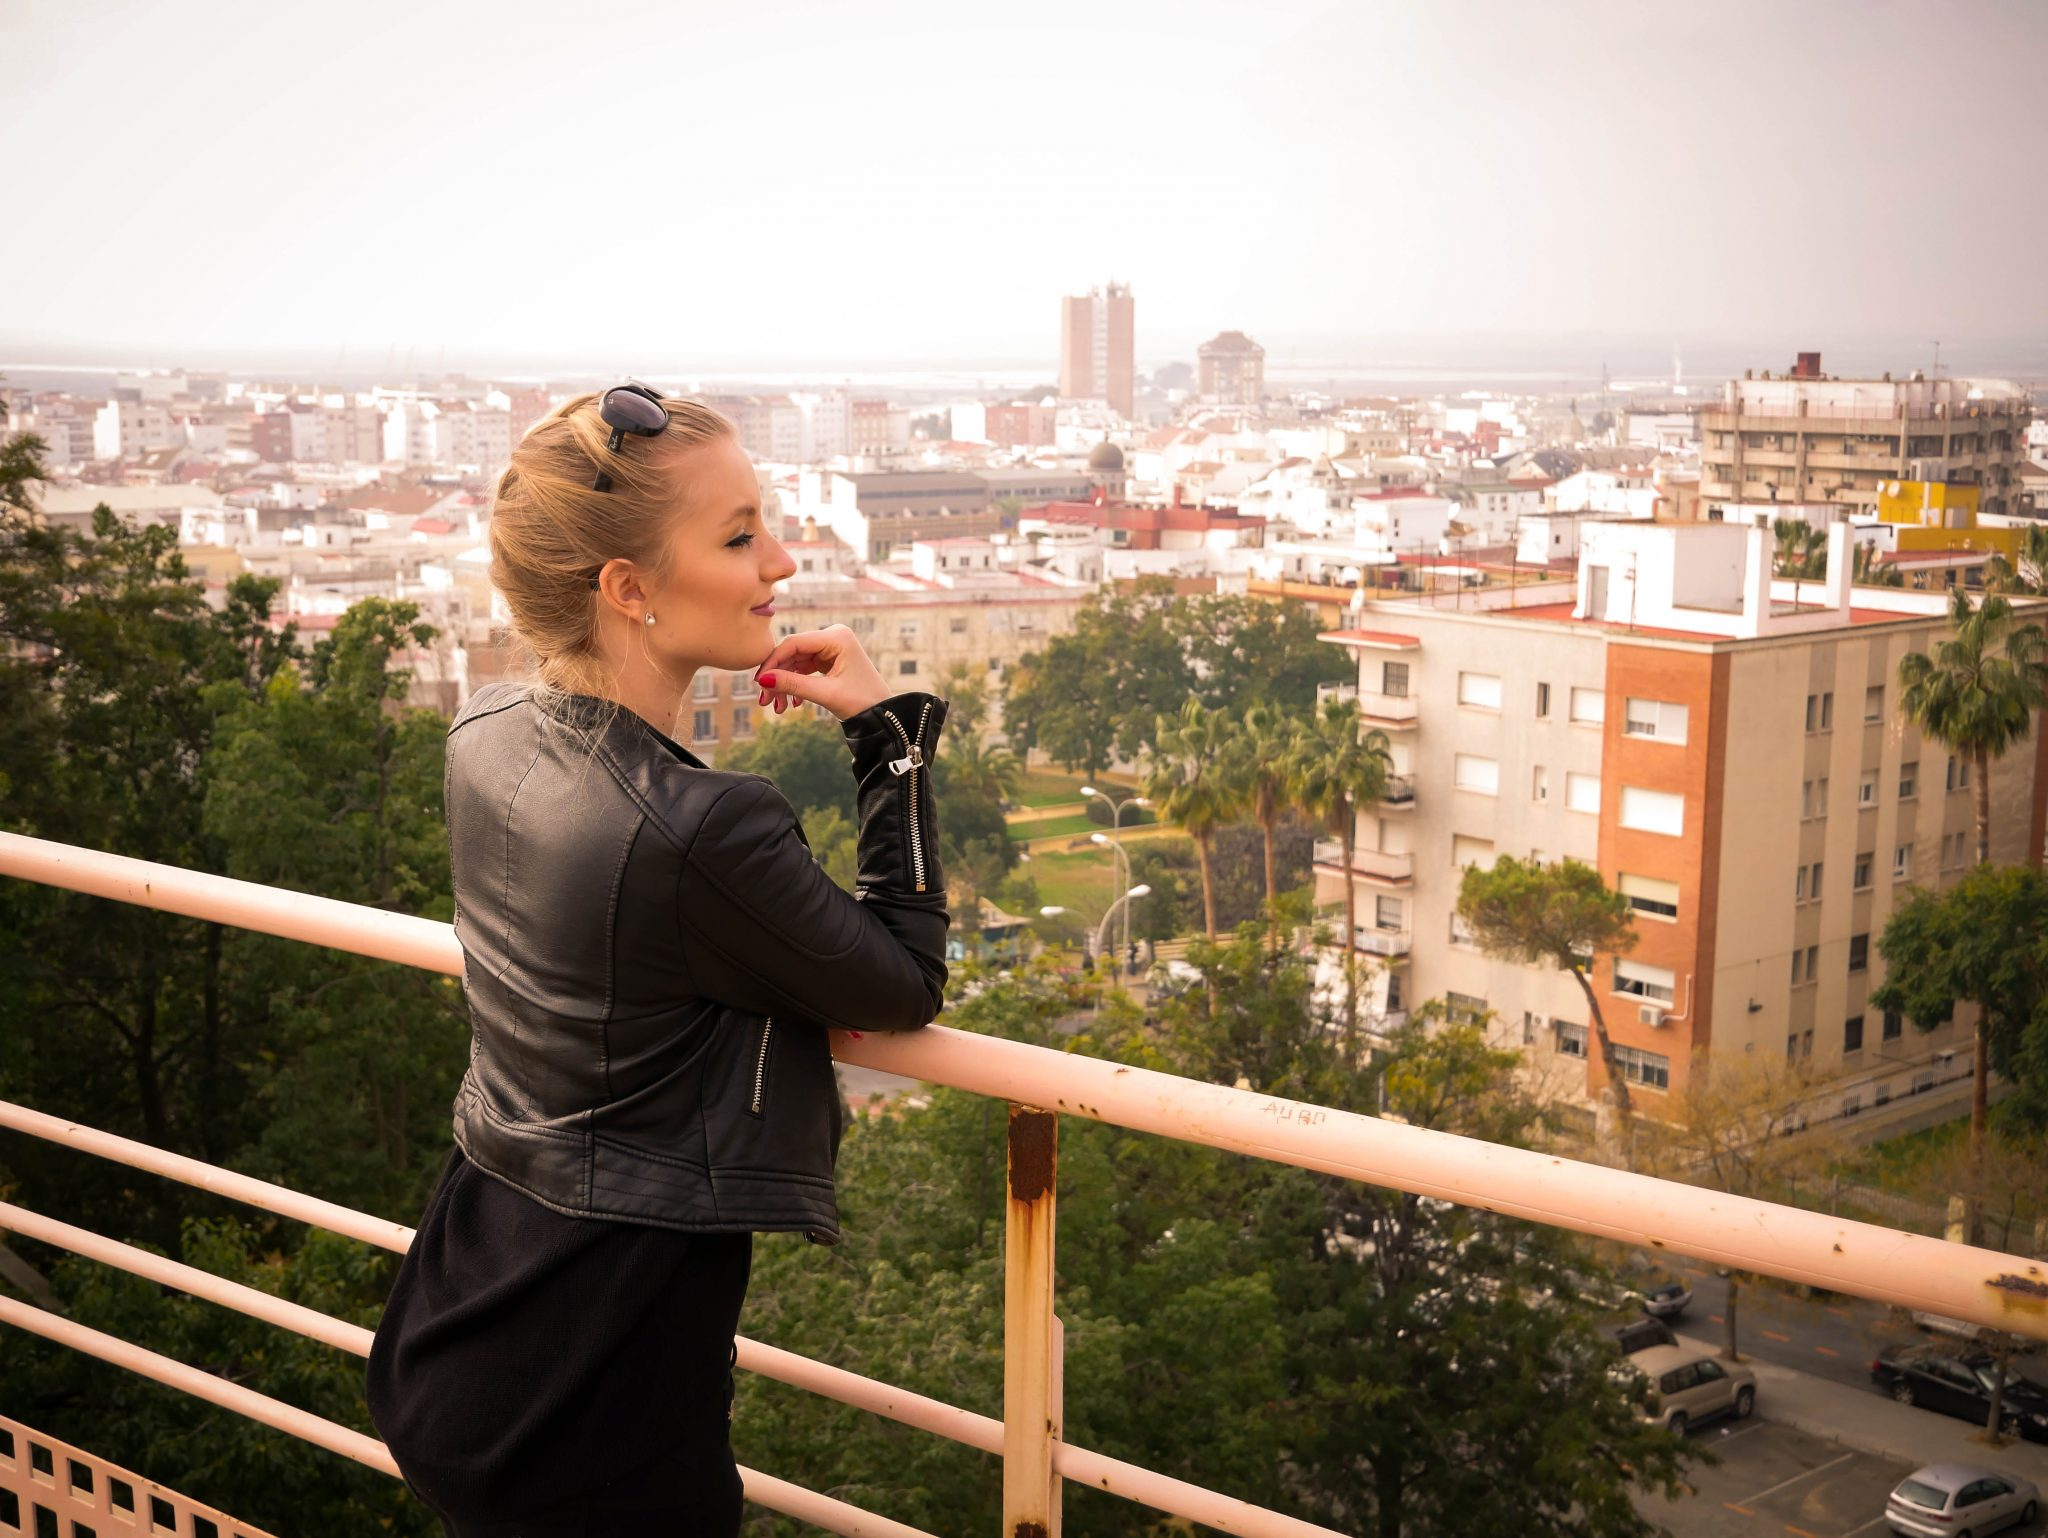 Huelva, Alonso sanchez Park: Von dort oben hast du höchstwahrscheinlich eine der besten Aussichten über die Stadt Huelva!